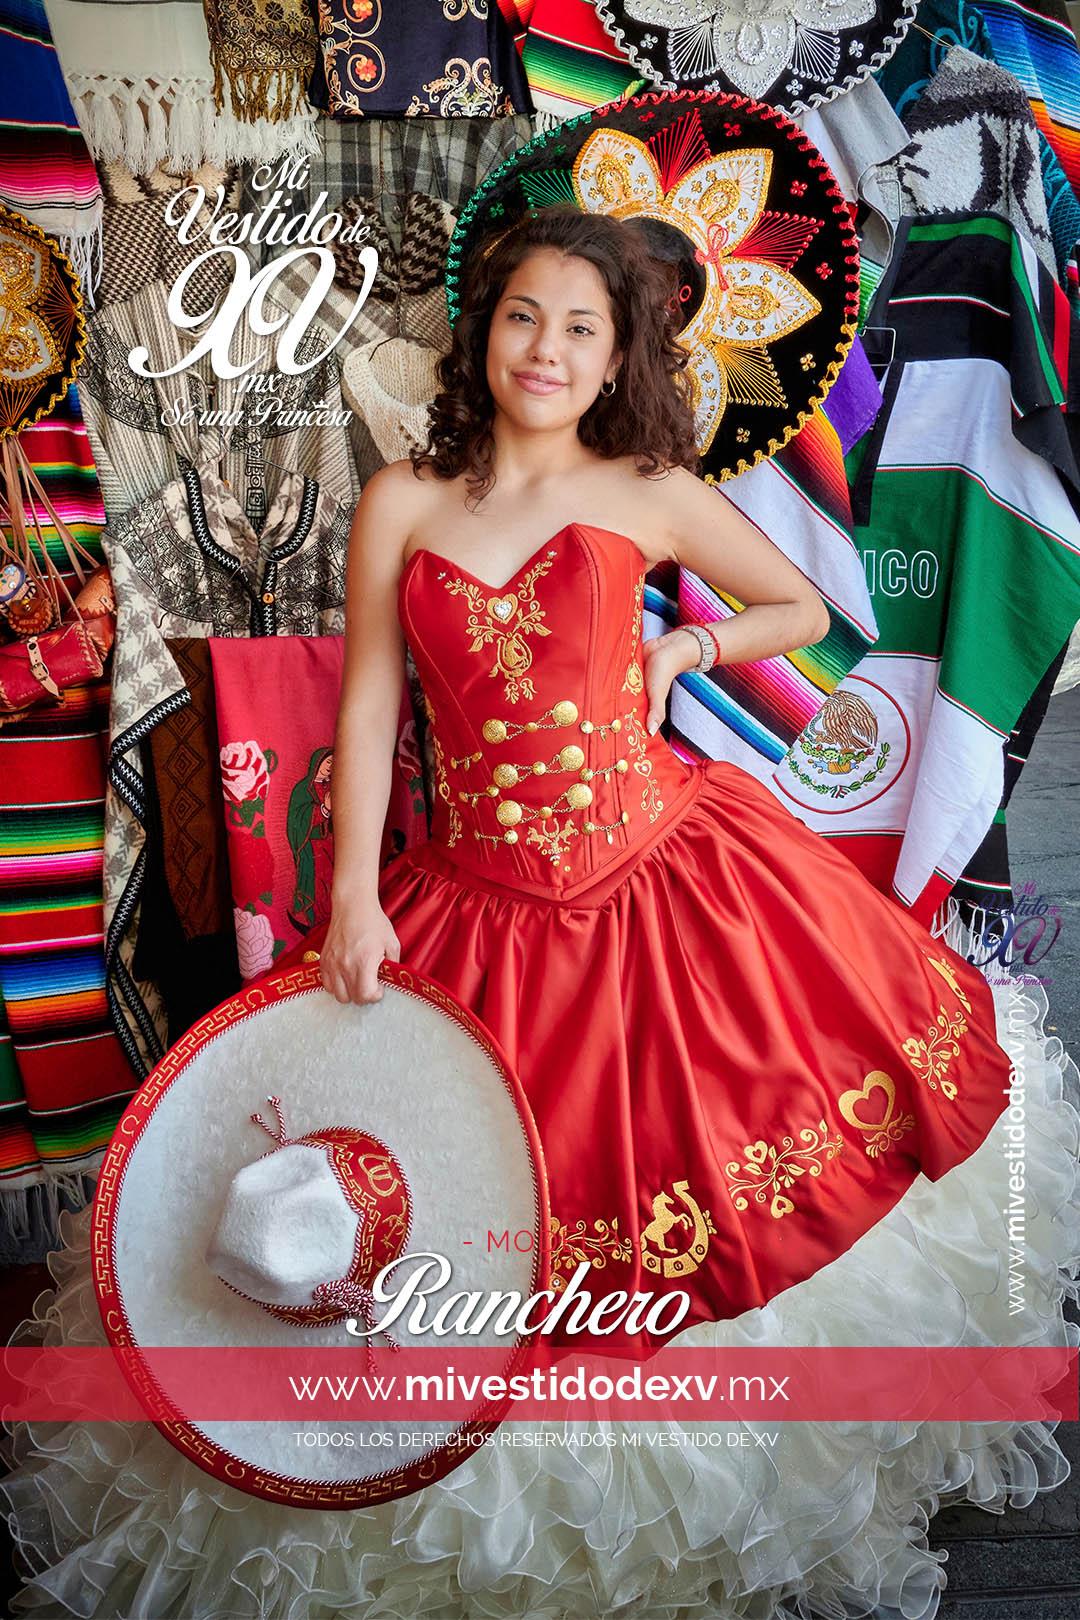 Quinceañera con vestido típico mexicano con olanes ranchero